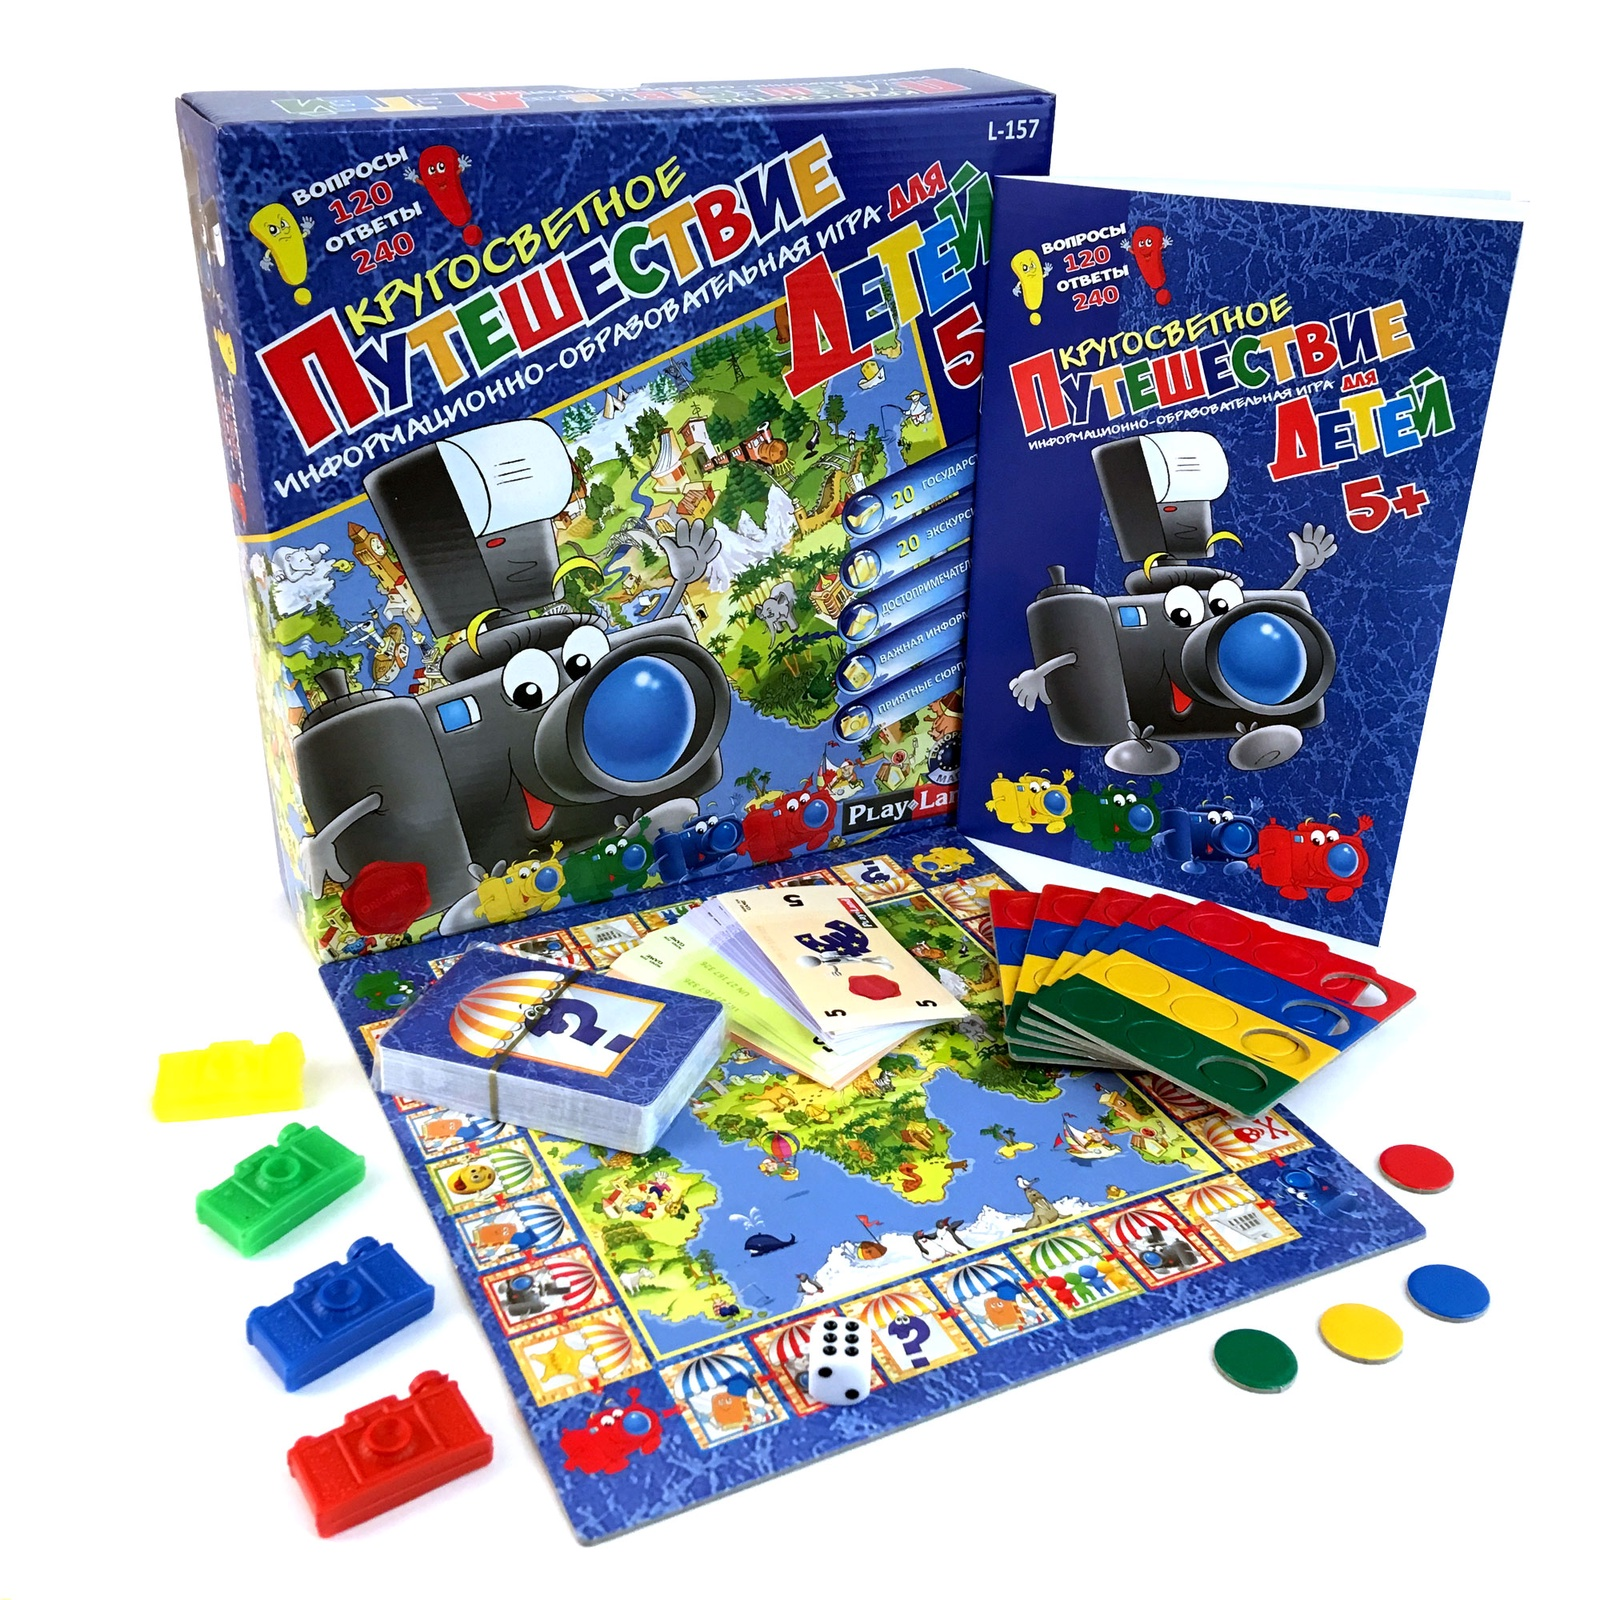 Настольная игра Play Land Кругосветное путешествие для детей ид питер игра весёлые новогодние фанты для детей